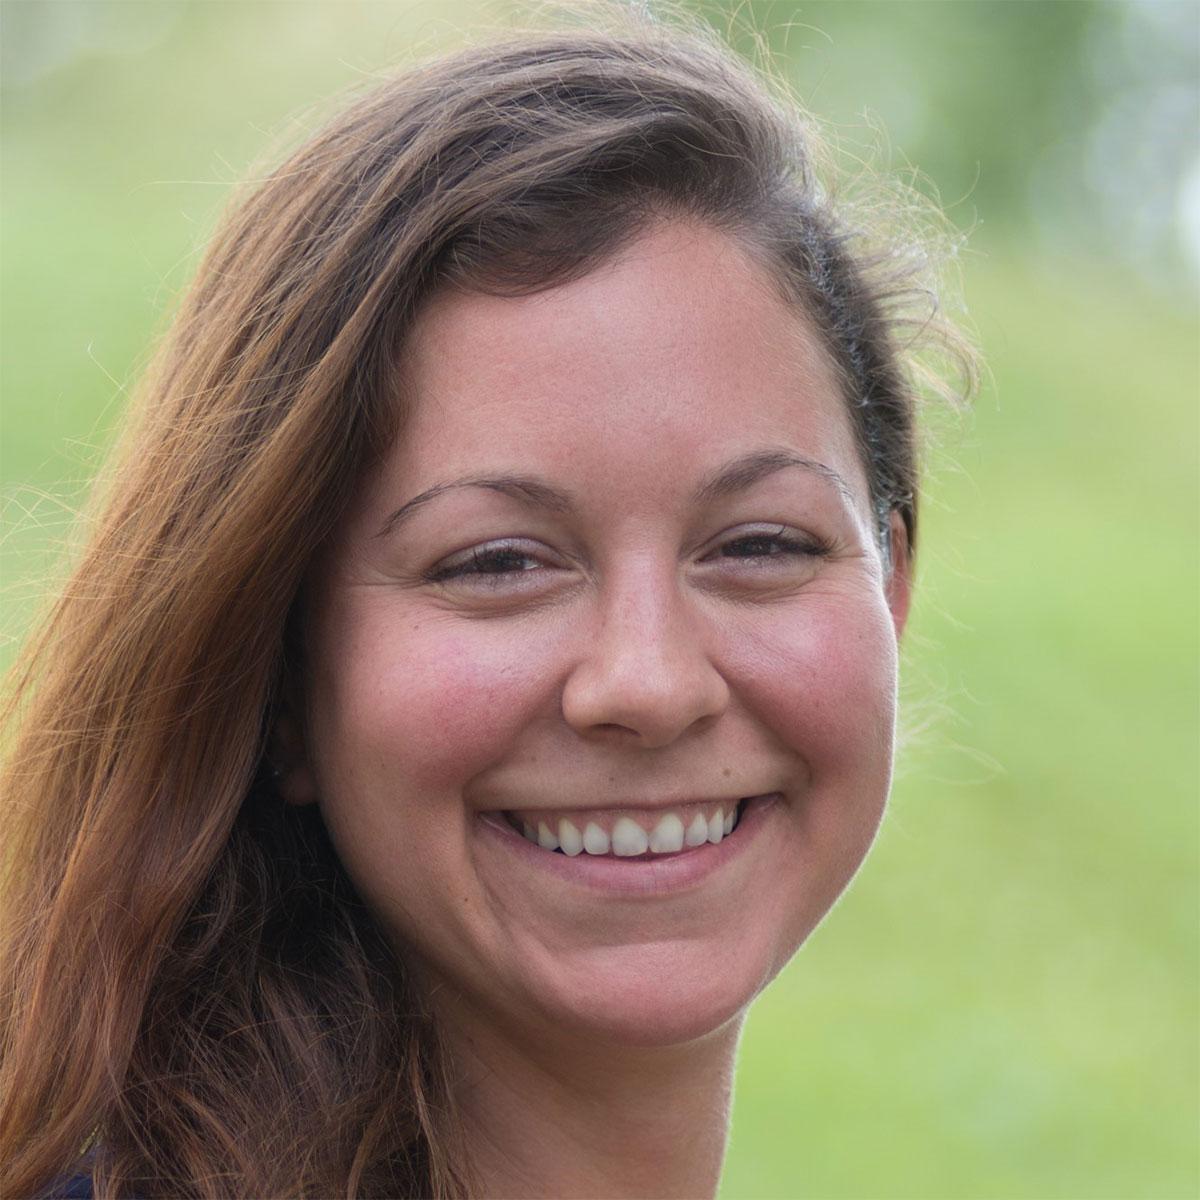 Jonna Bjelland, PE